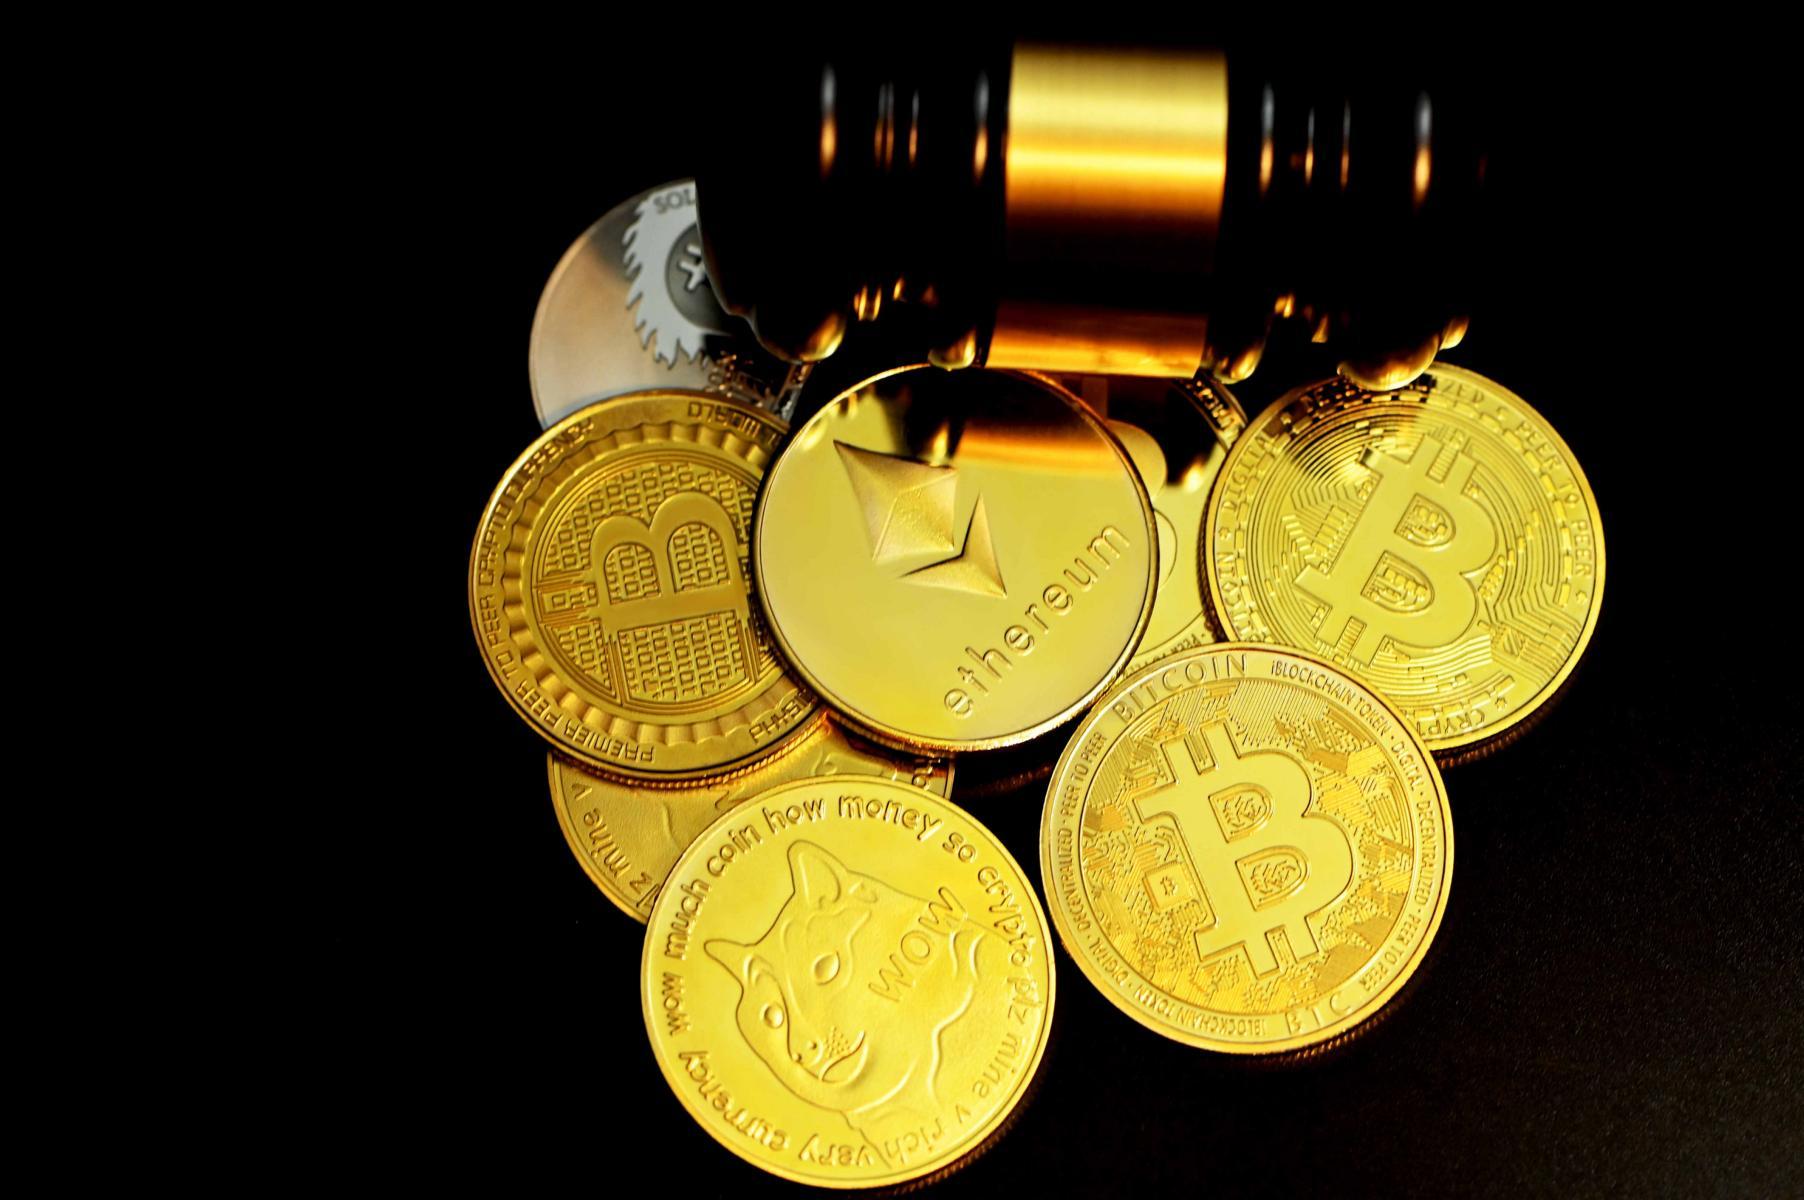 Seriöse Anbieter von virtuellen Währungen erkennen